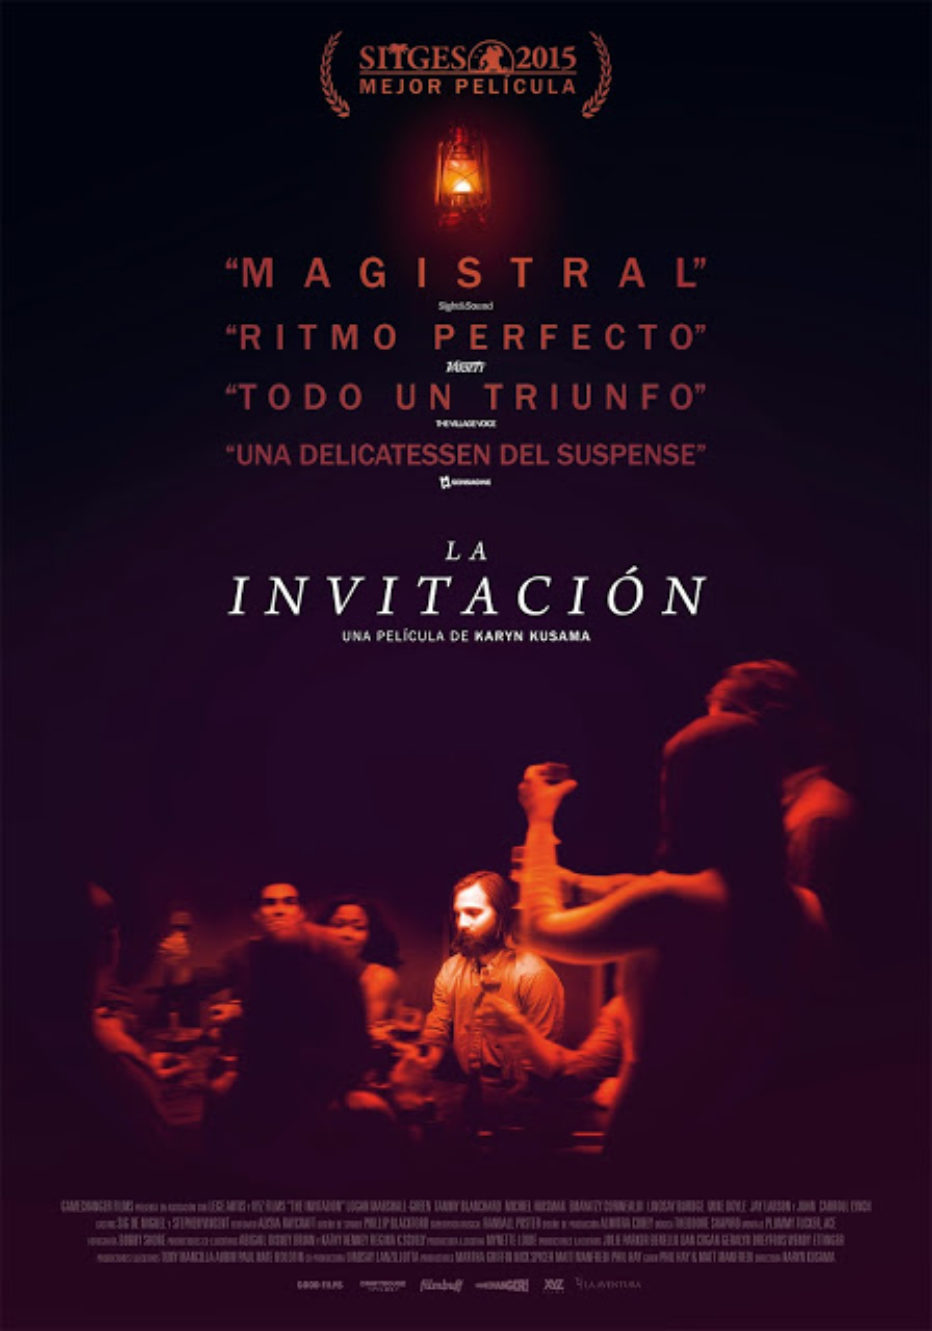 La invitación: una fiesta tensa